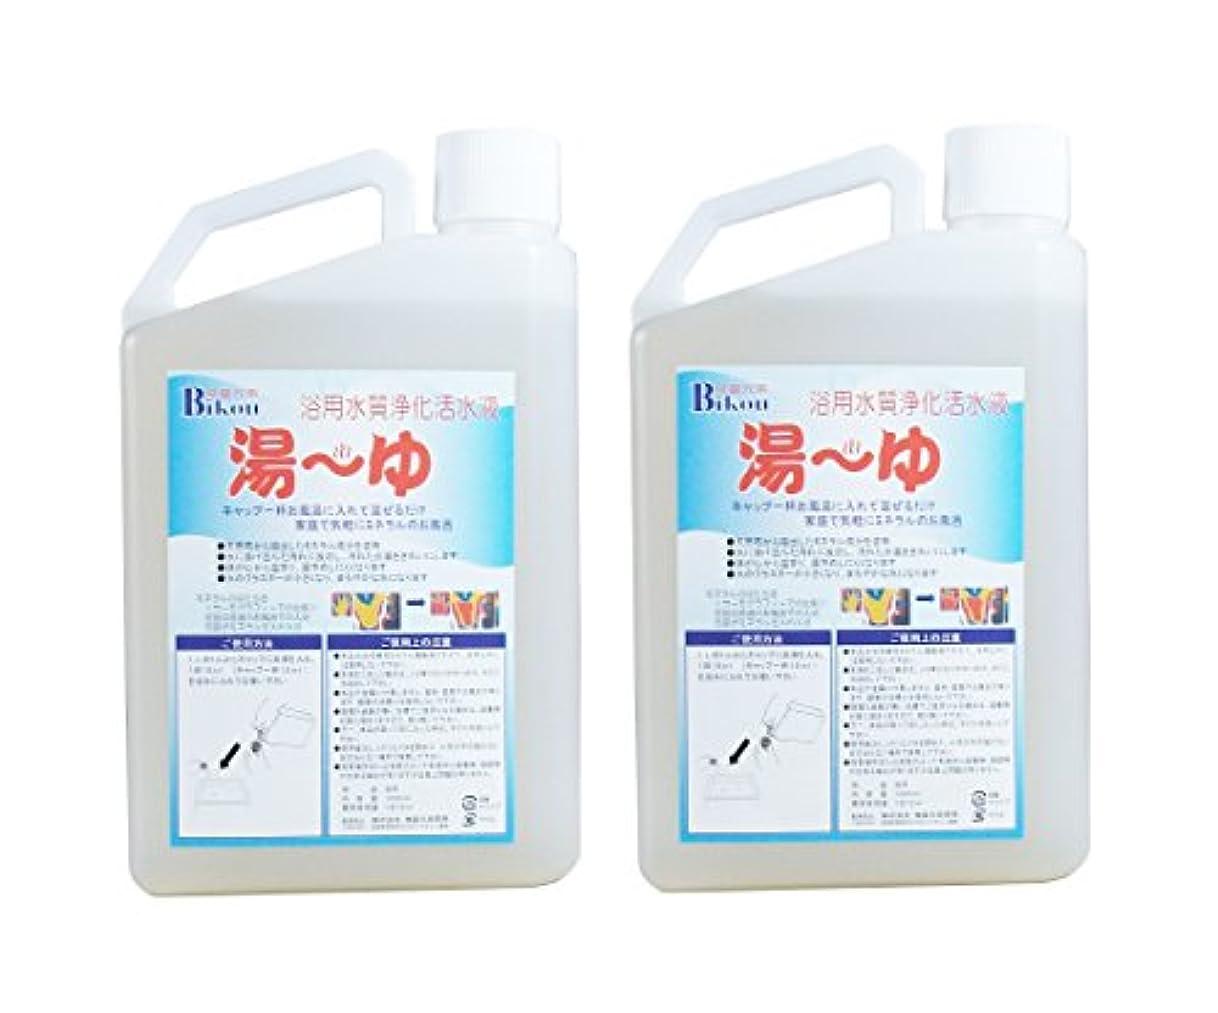 コールド手数料補充Bikou 浴用水質浄化活水液 湯ーゆ 2本組(1000ml×2) 24時間風呂用入浴剤